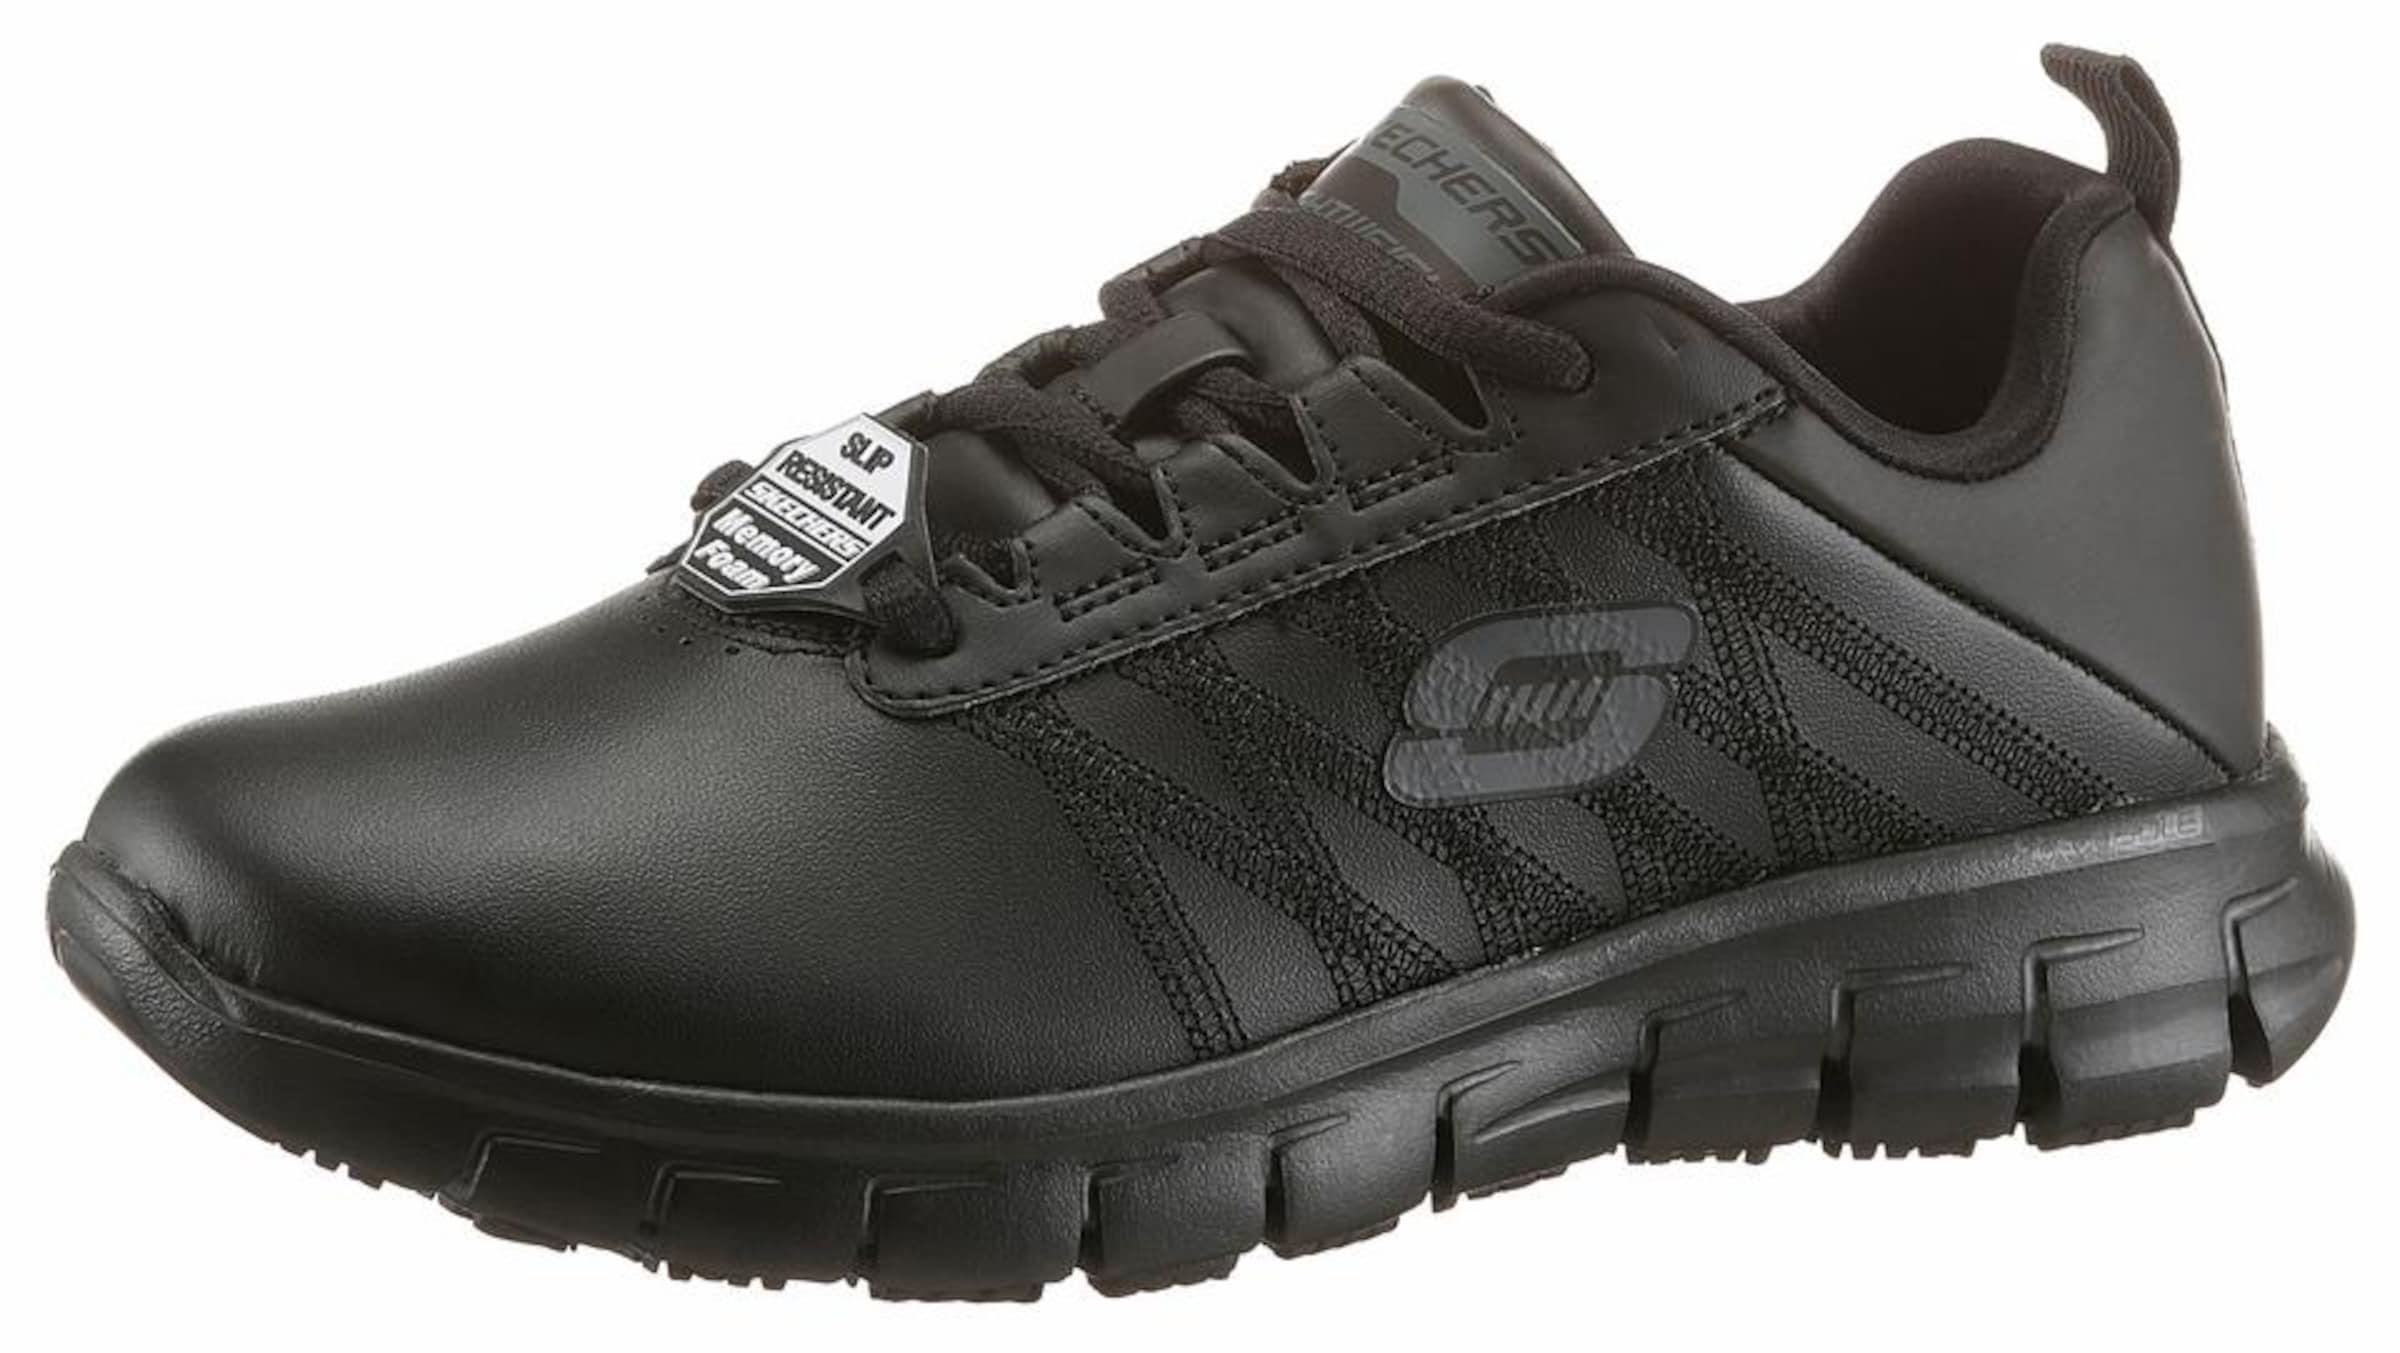 SKECHERS Schnürschuh Günstige und langlebige Schuhe